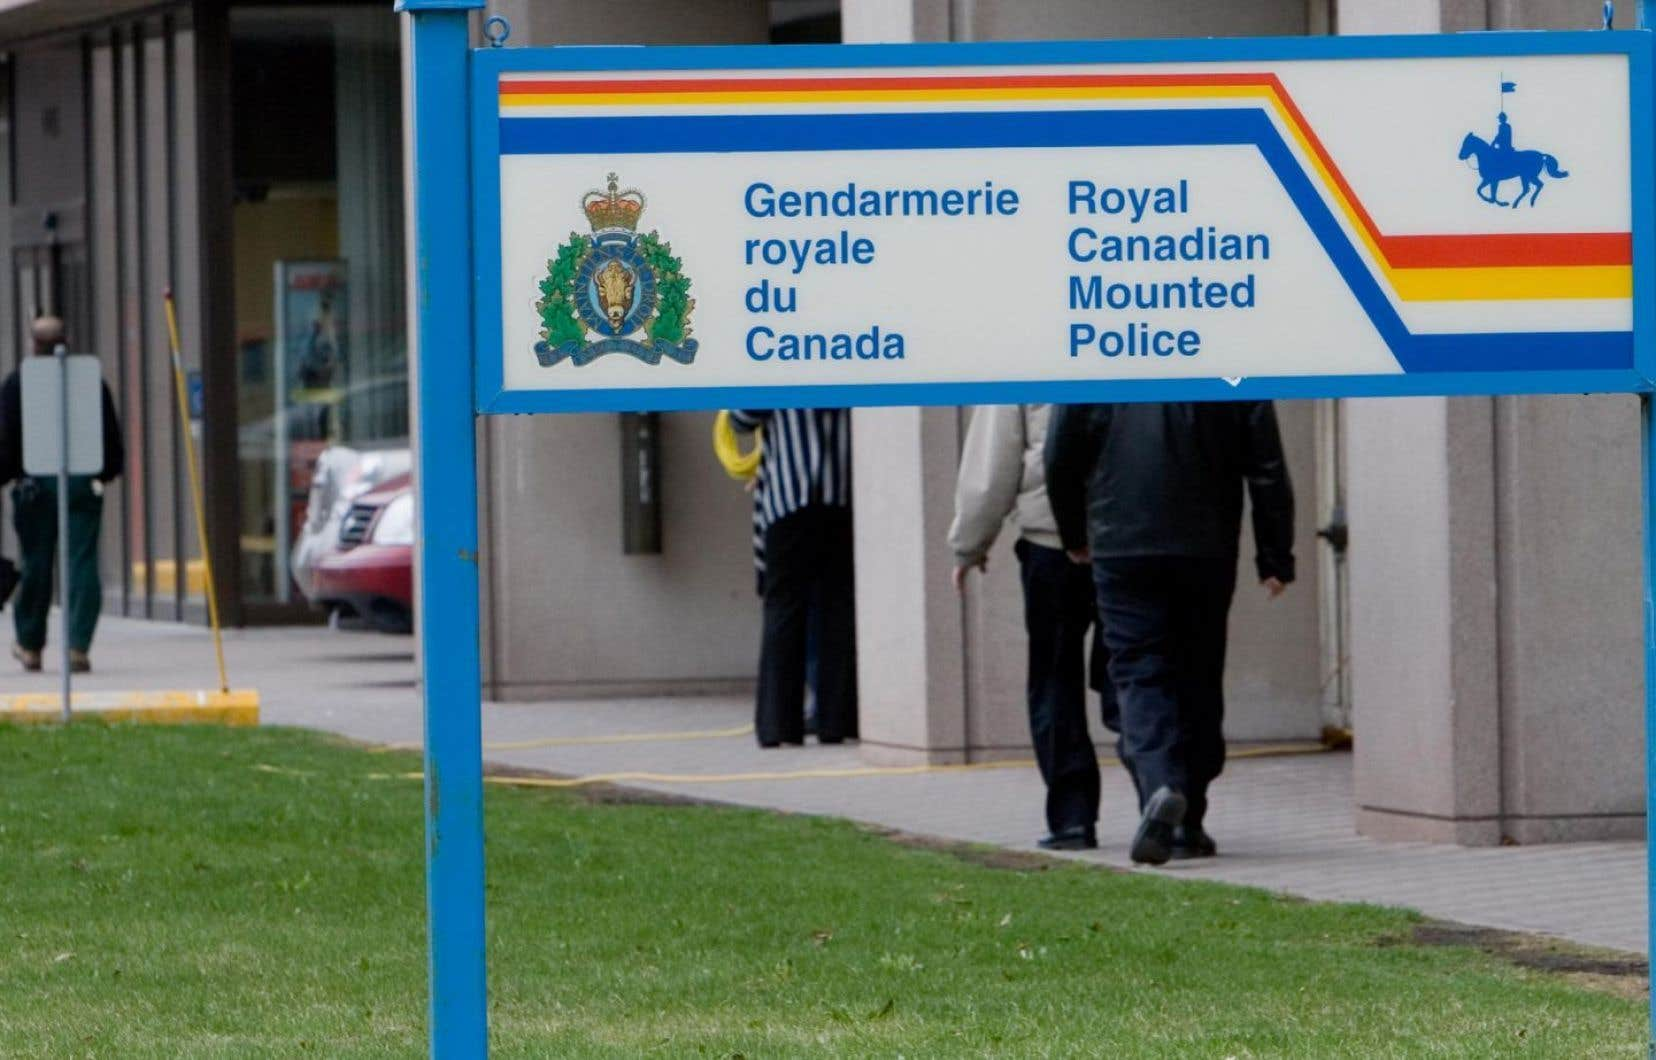 Deux élèves policiers s'évanouissent pendant un discours de Trudeau — Canada